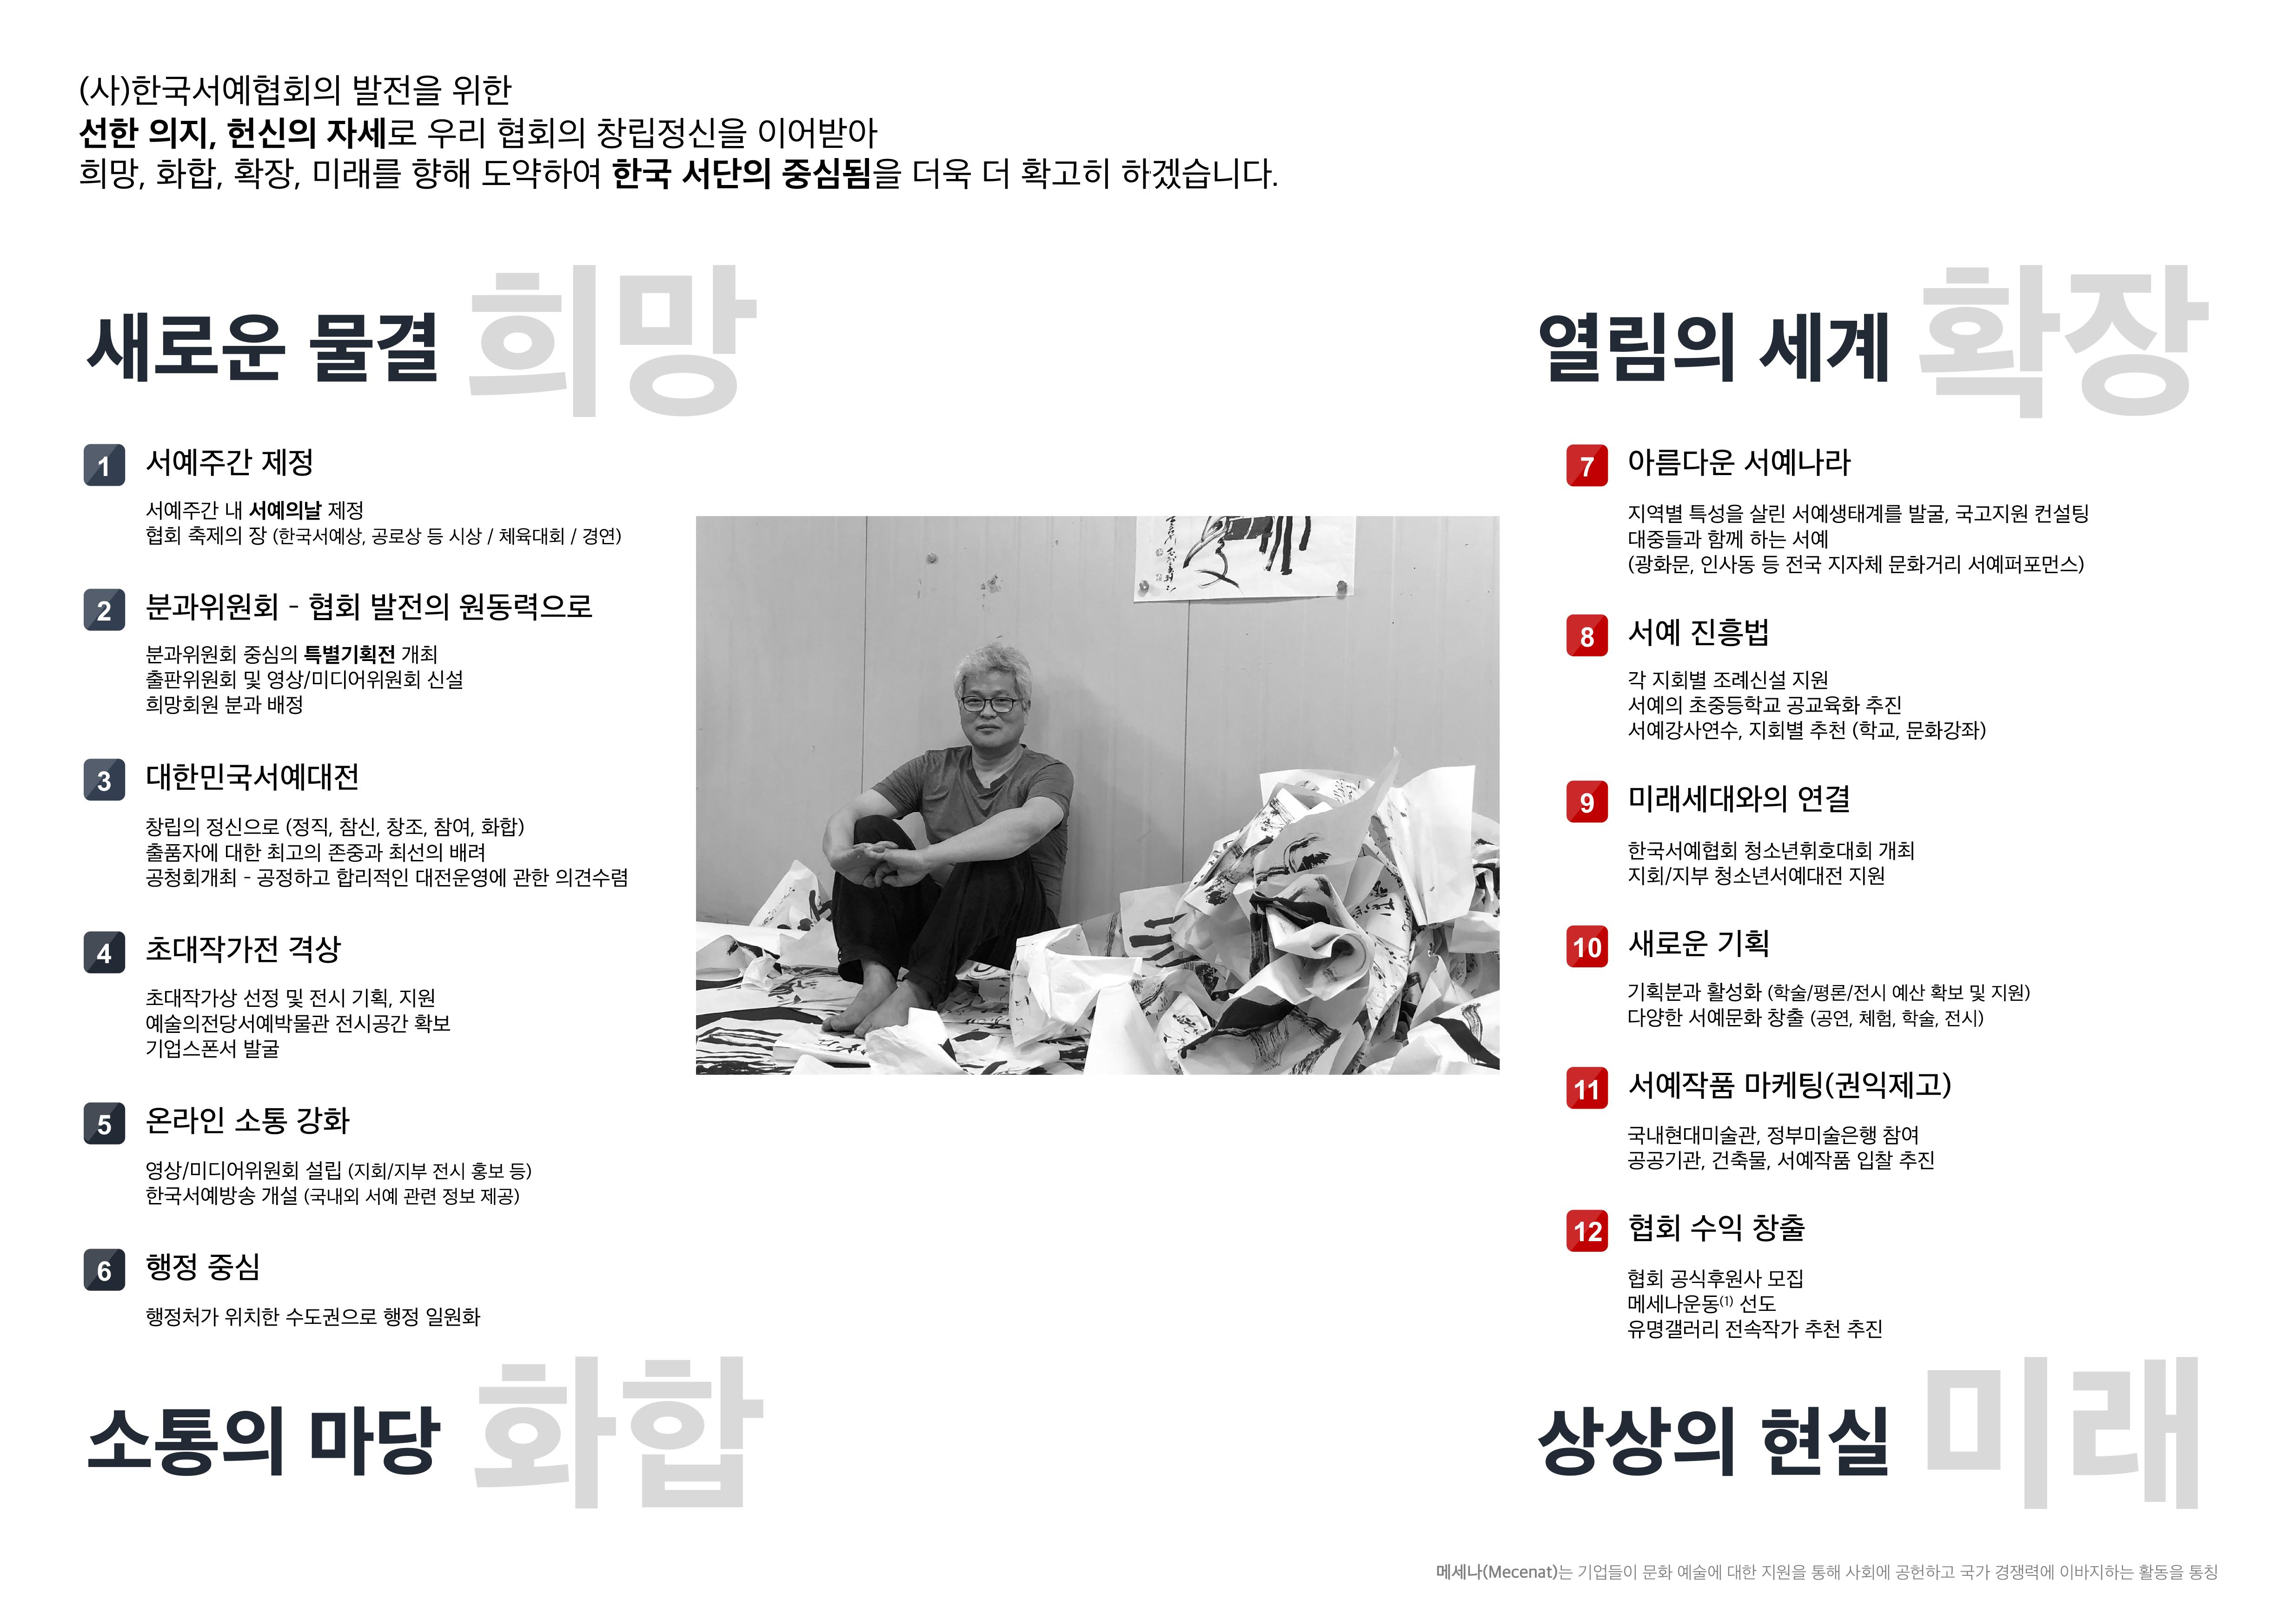 송현수 선거홍보물(최종)-2.jpg